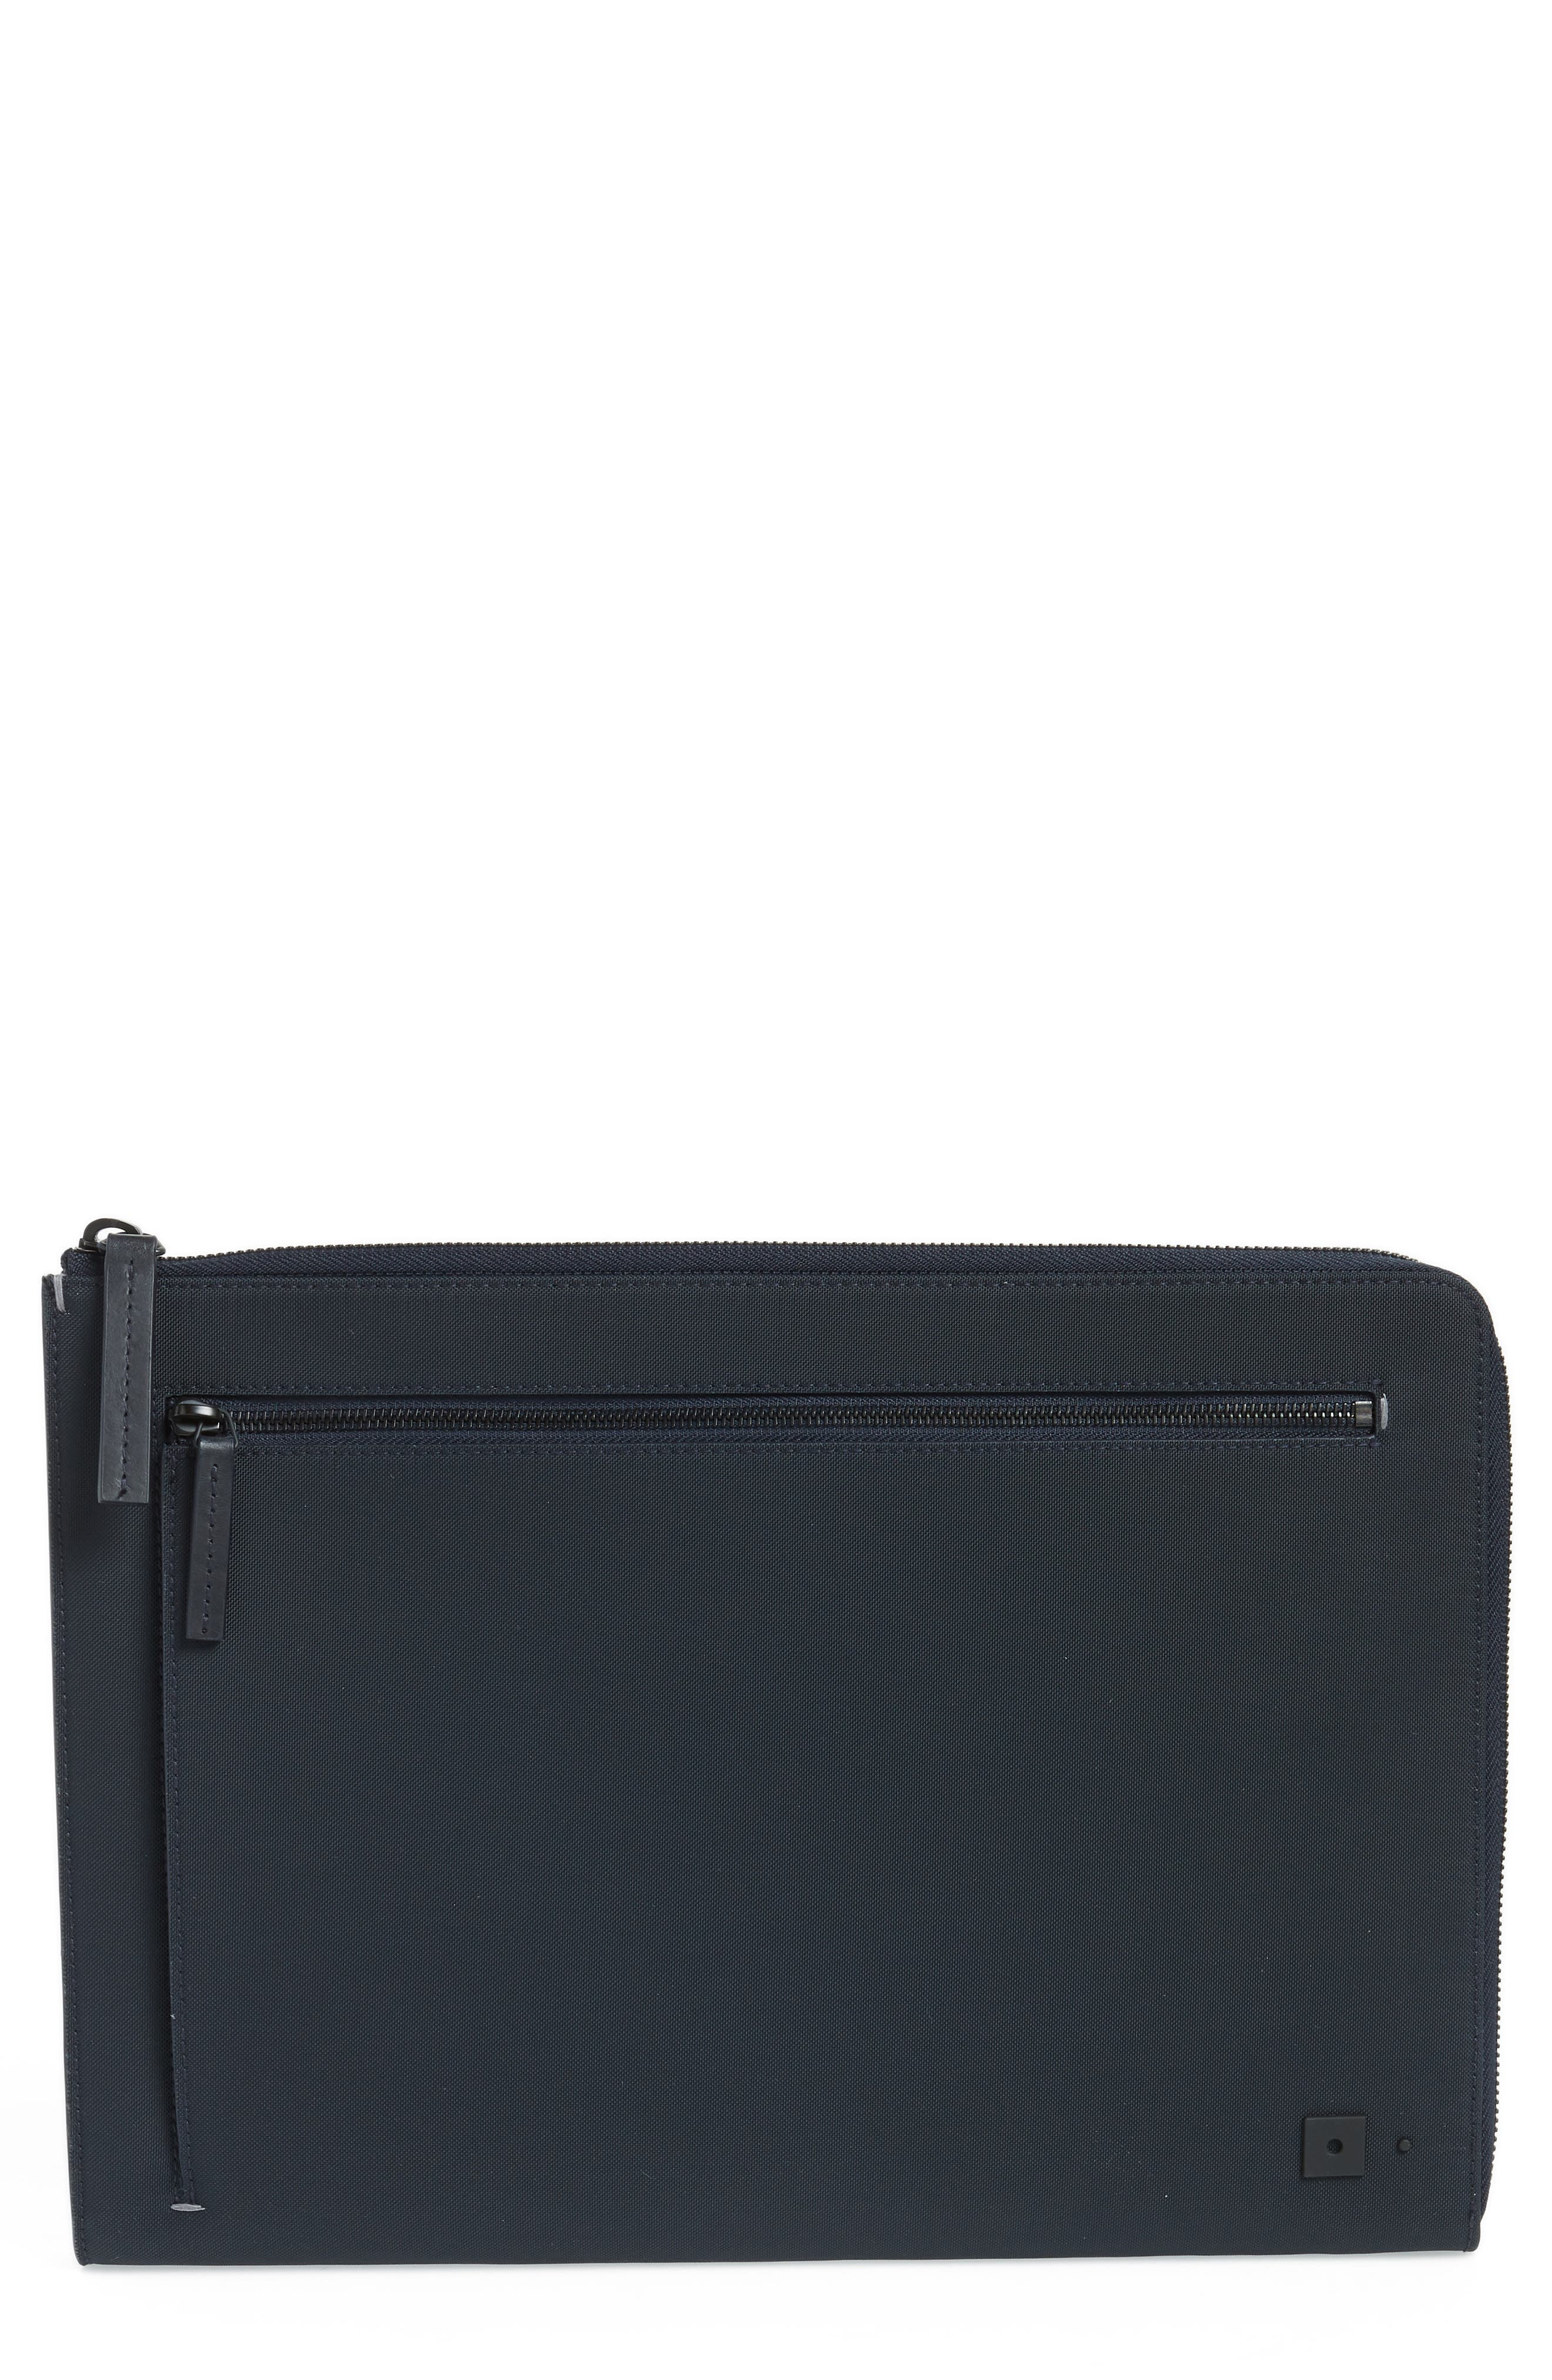 TROUBADOUR Portfolio Case - Blue in Navy Nylon/ Navy Leather